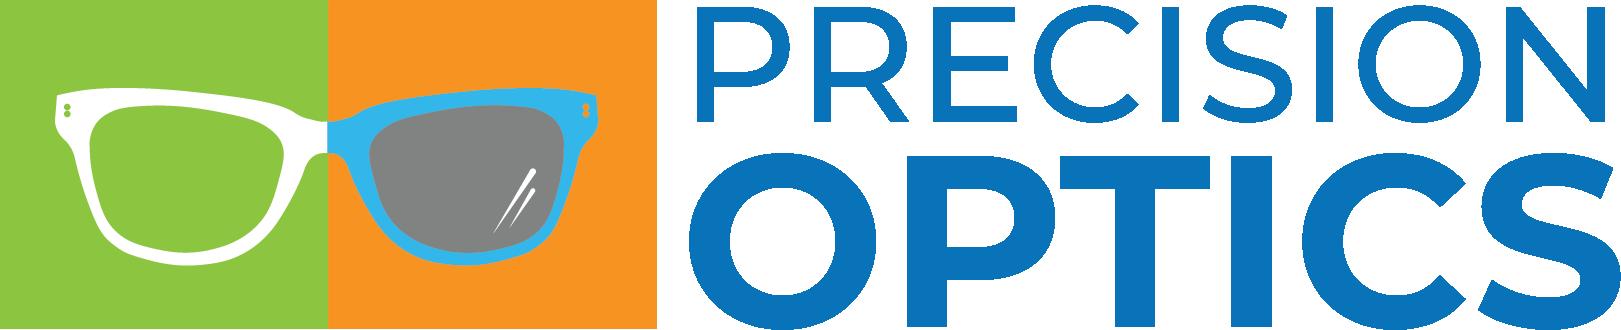 Precision Optics Horizontal Logo